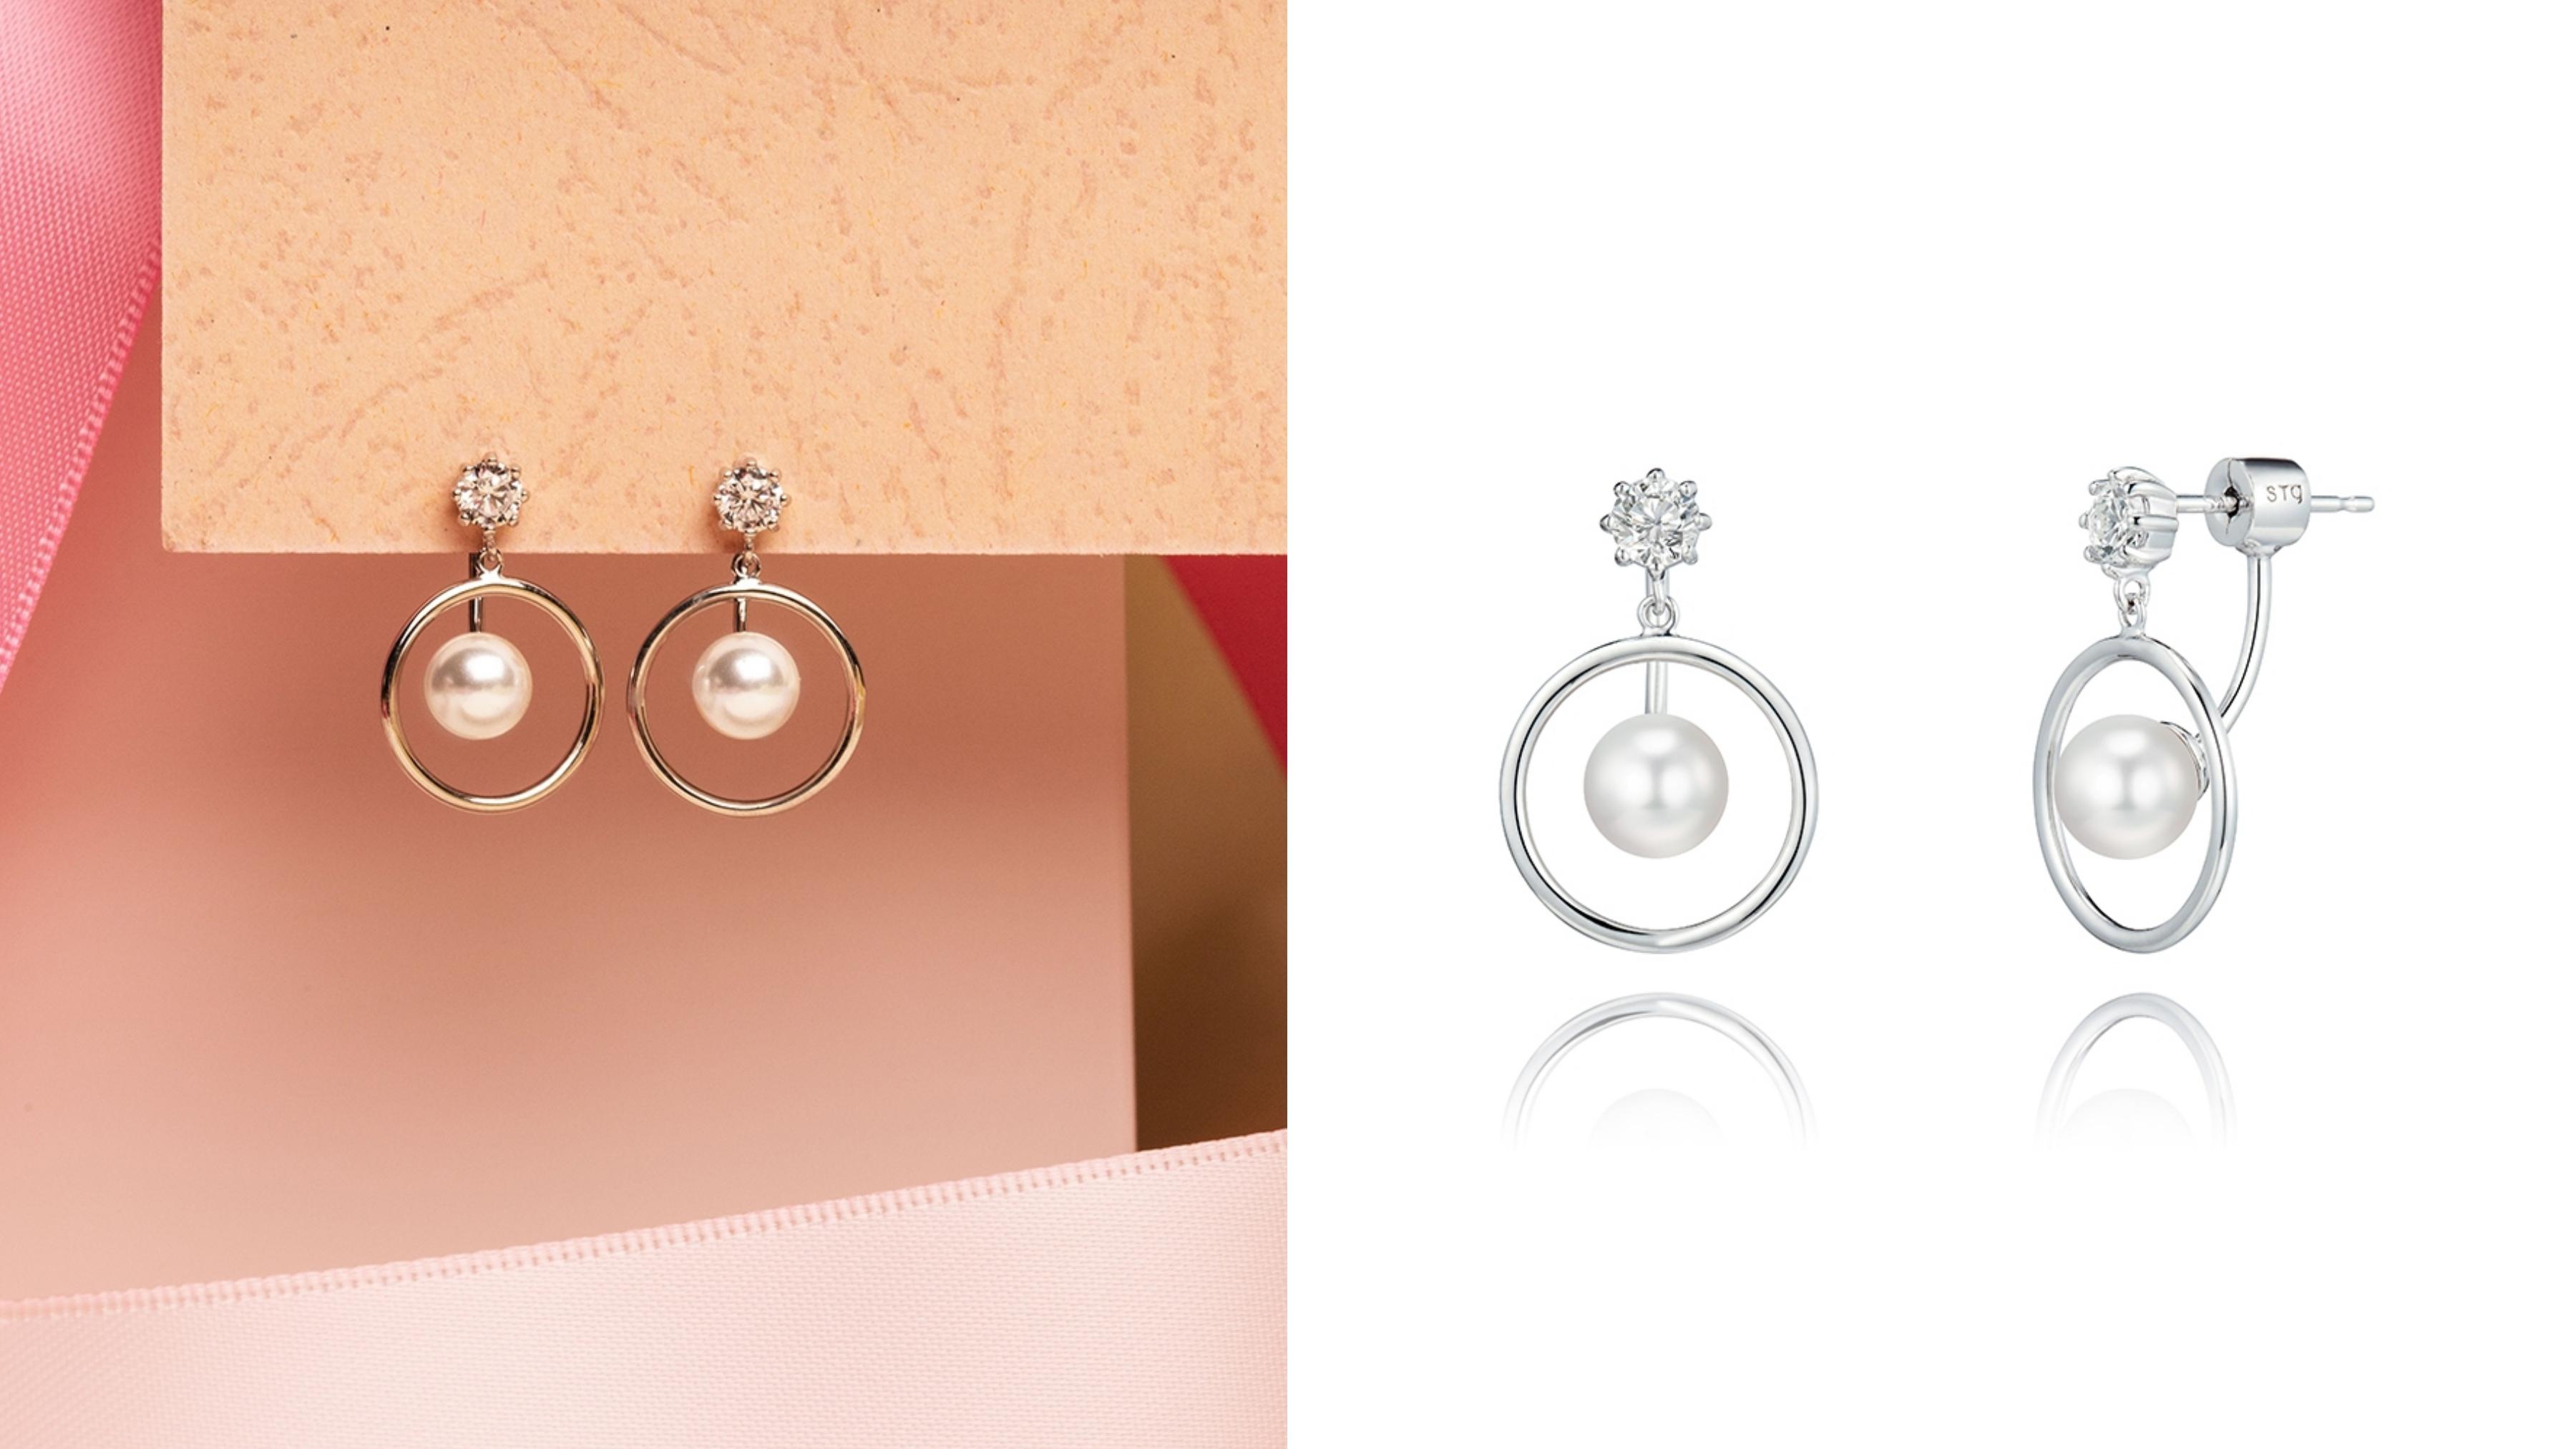 韓劇觸及真心同款,925純銀搭配立方設計,採擷珍珠光彩,令日常完美穿搭更添驚豔一筆。